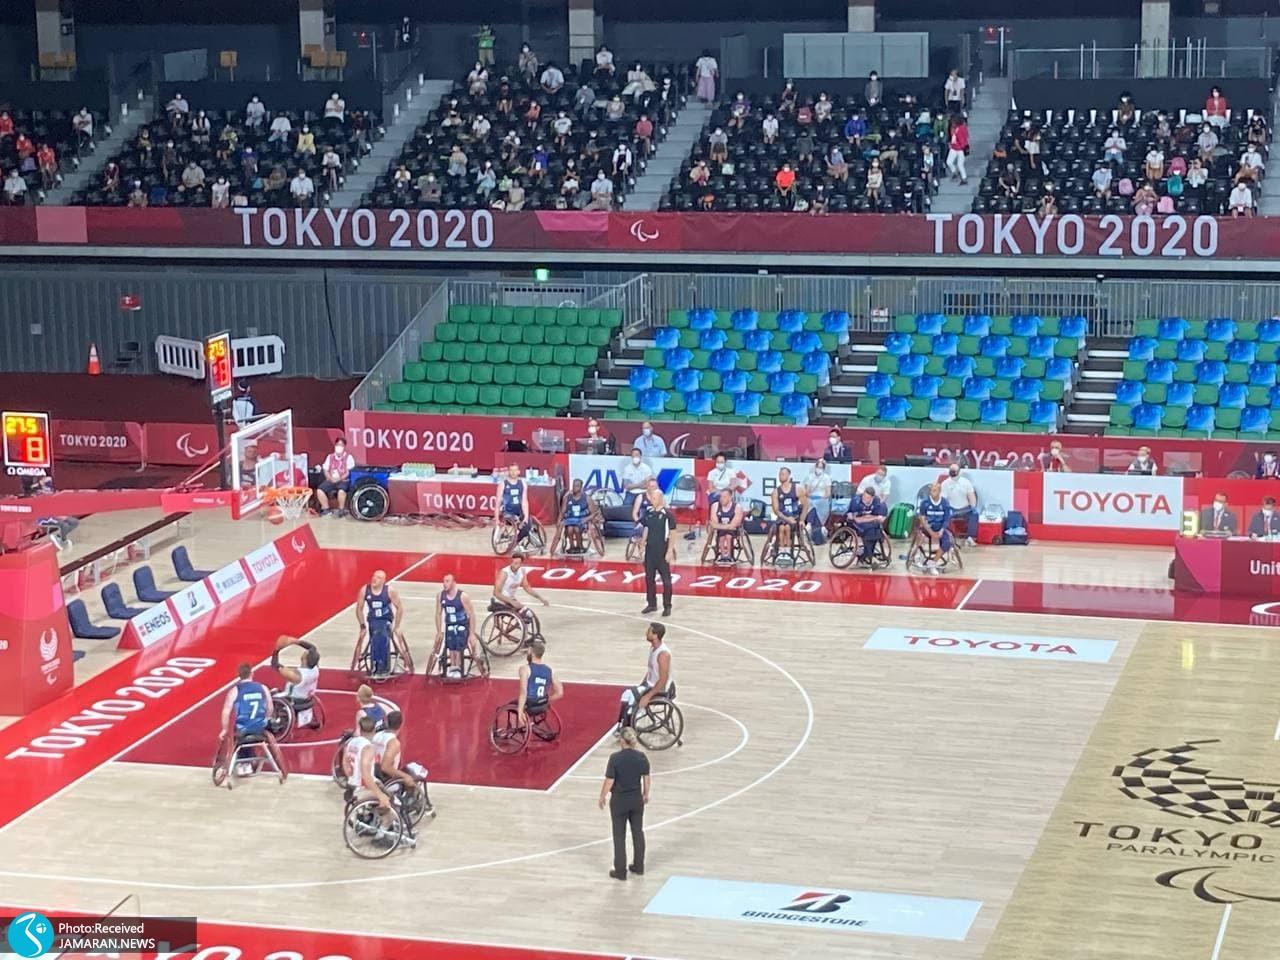 بسکتبال با ویلچر پارالمپیک 2020 - ایران - بریتانیا